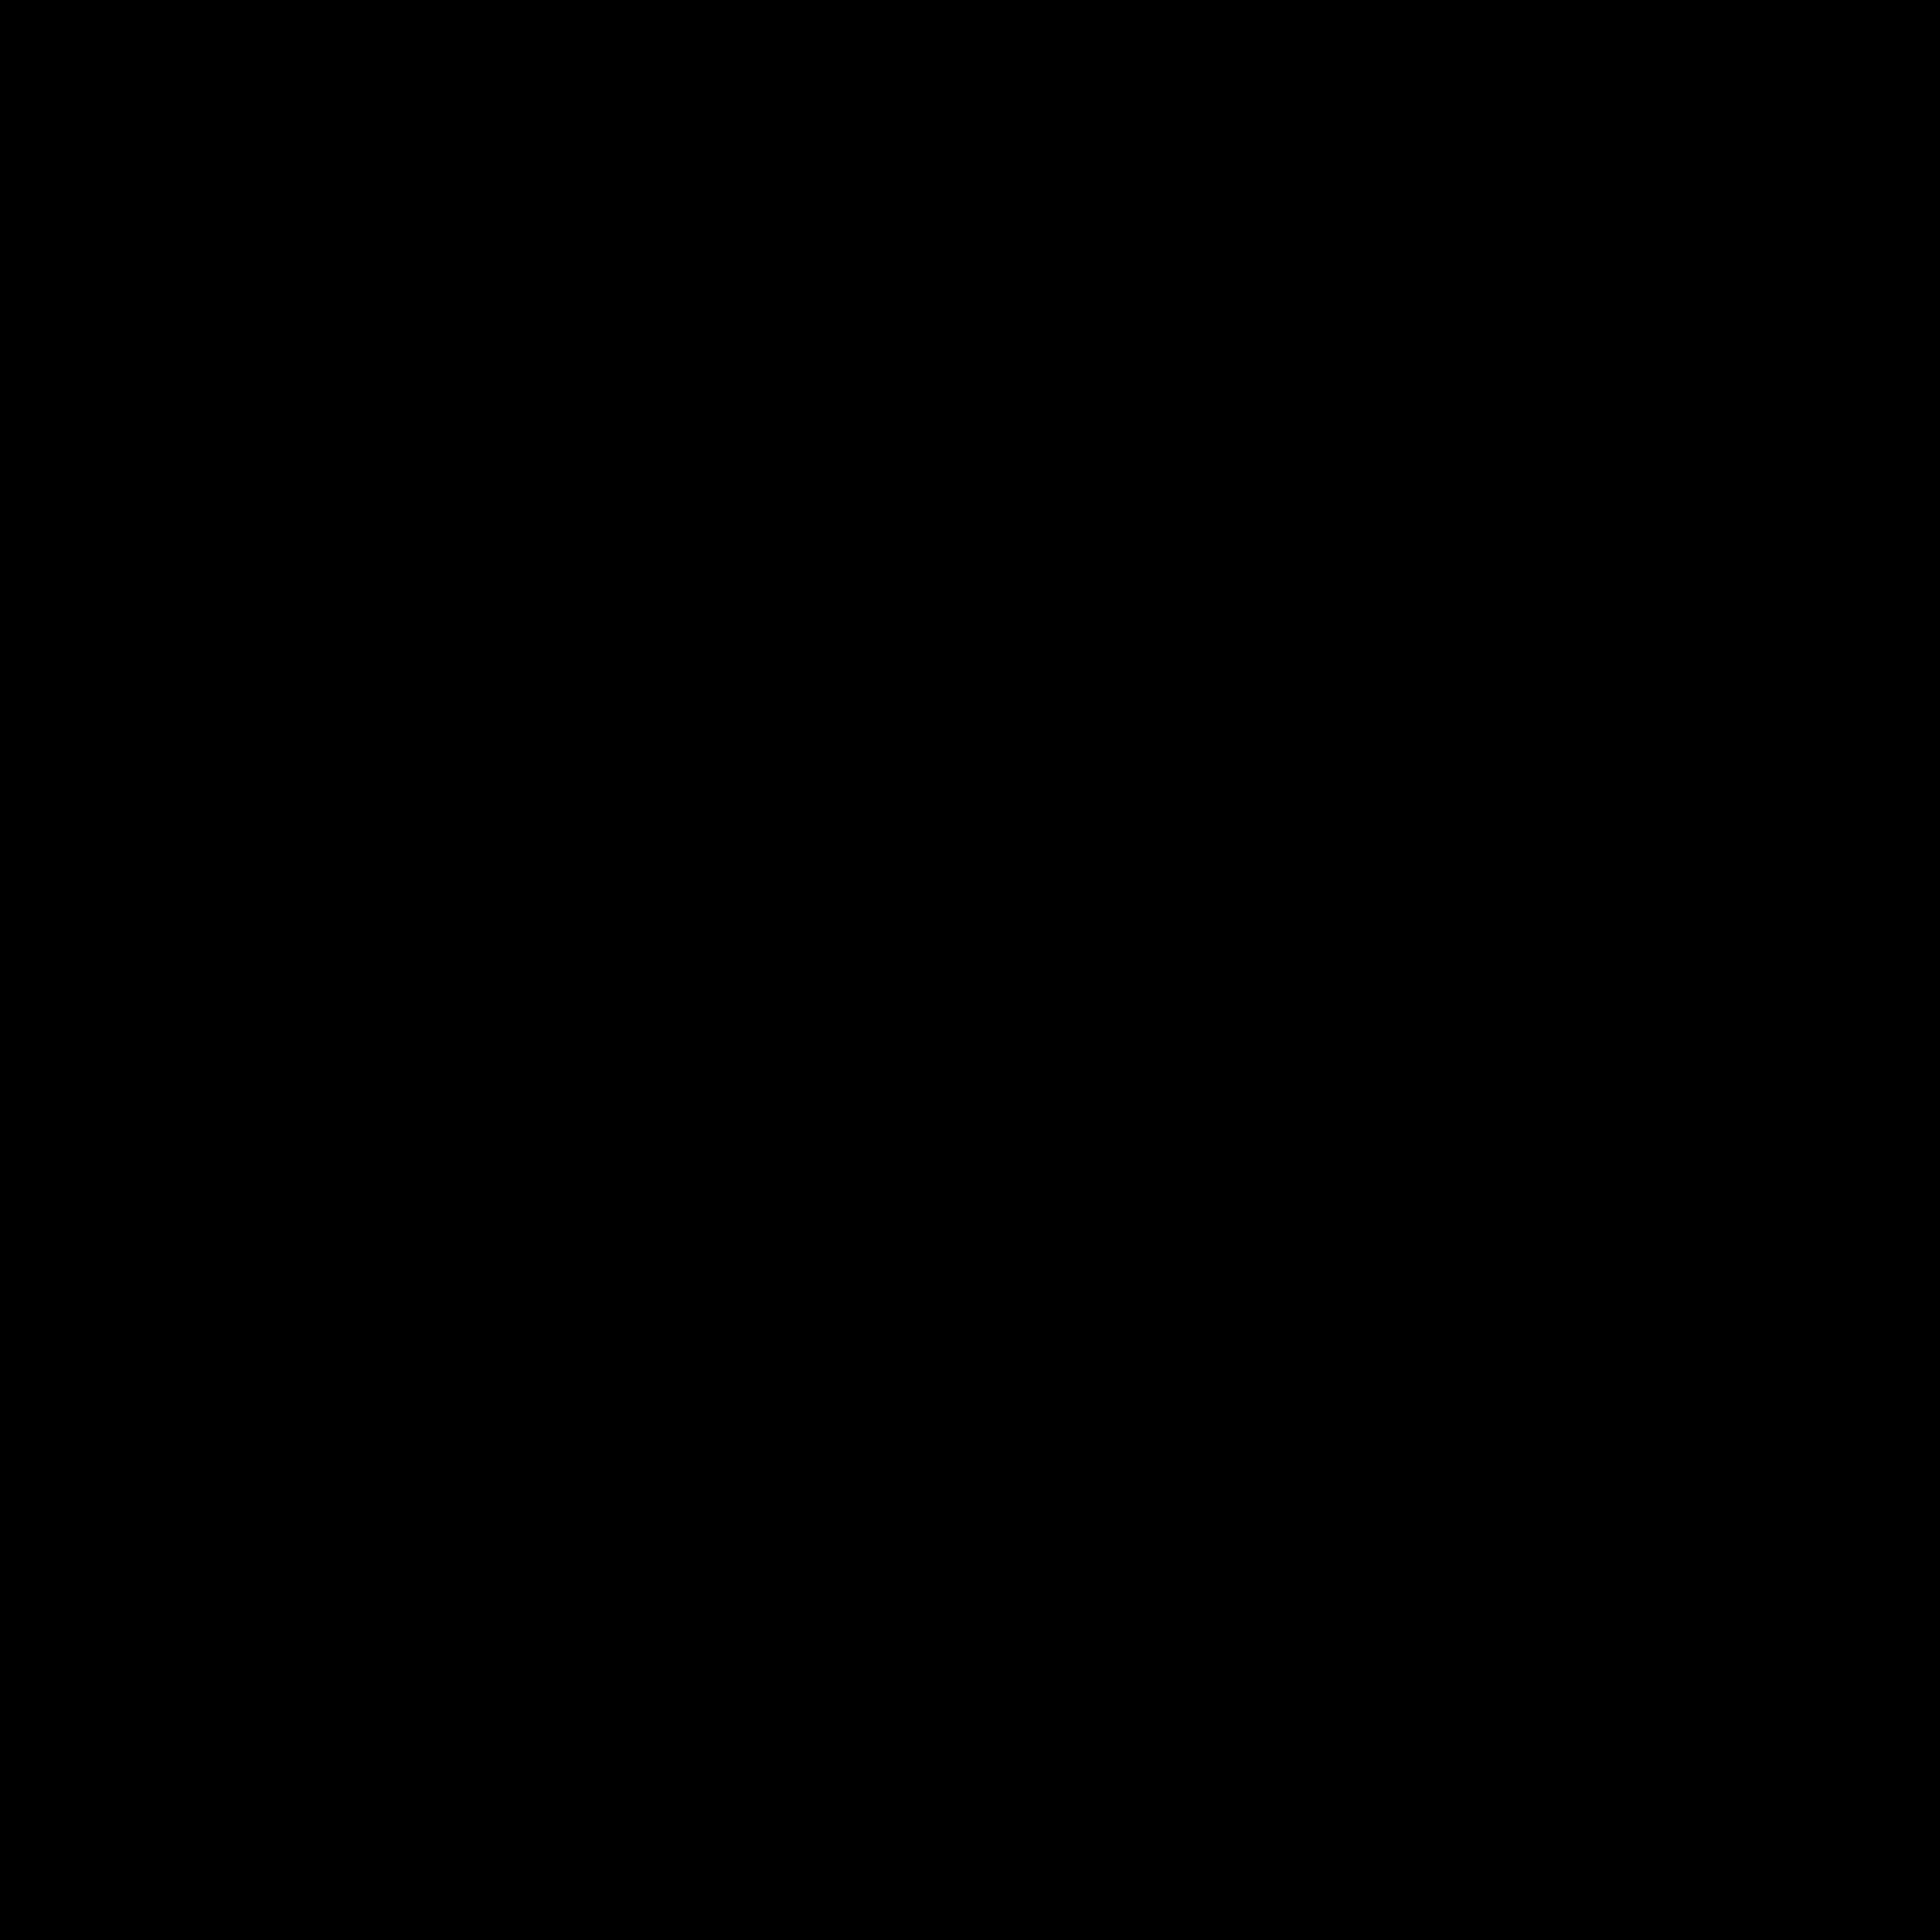 【離乳食完了期】白身魚のパン粉焼きブロッコリーソース